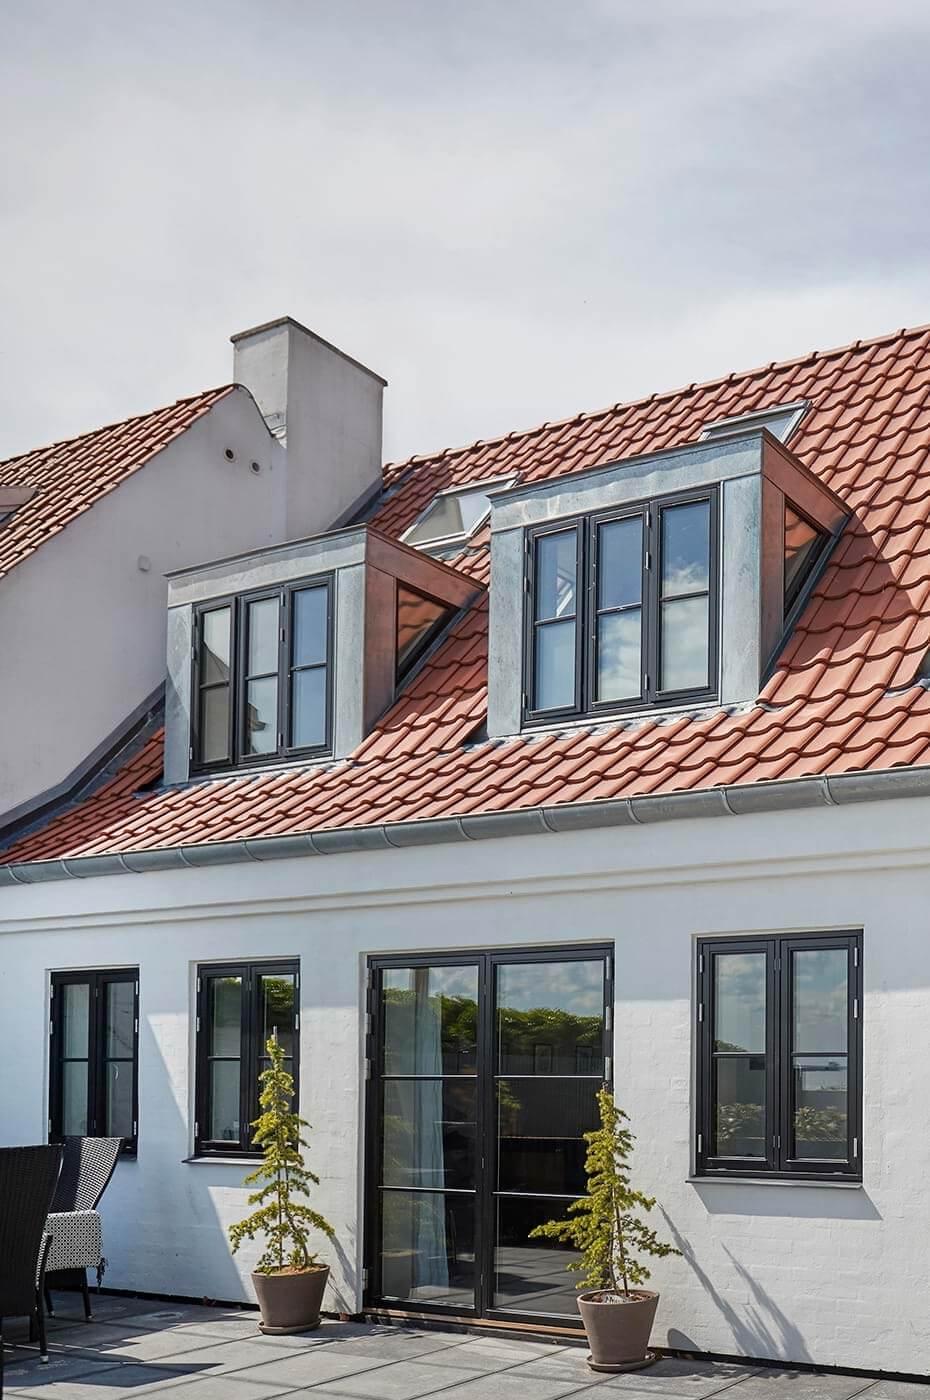 renovering nye vinduer og doere01 1 Døre og vinduer